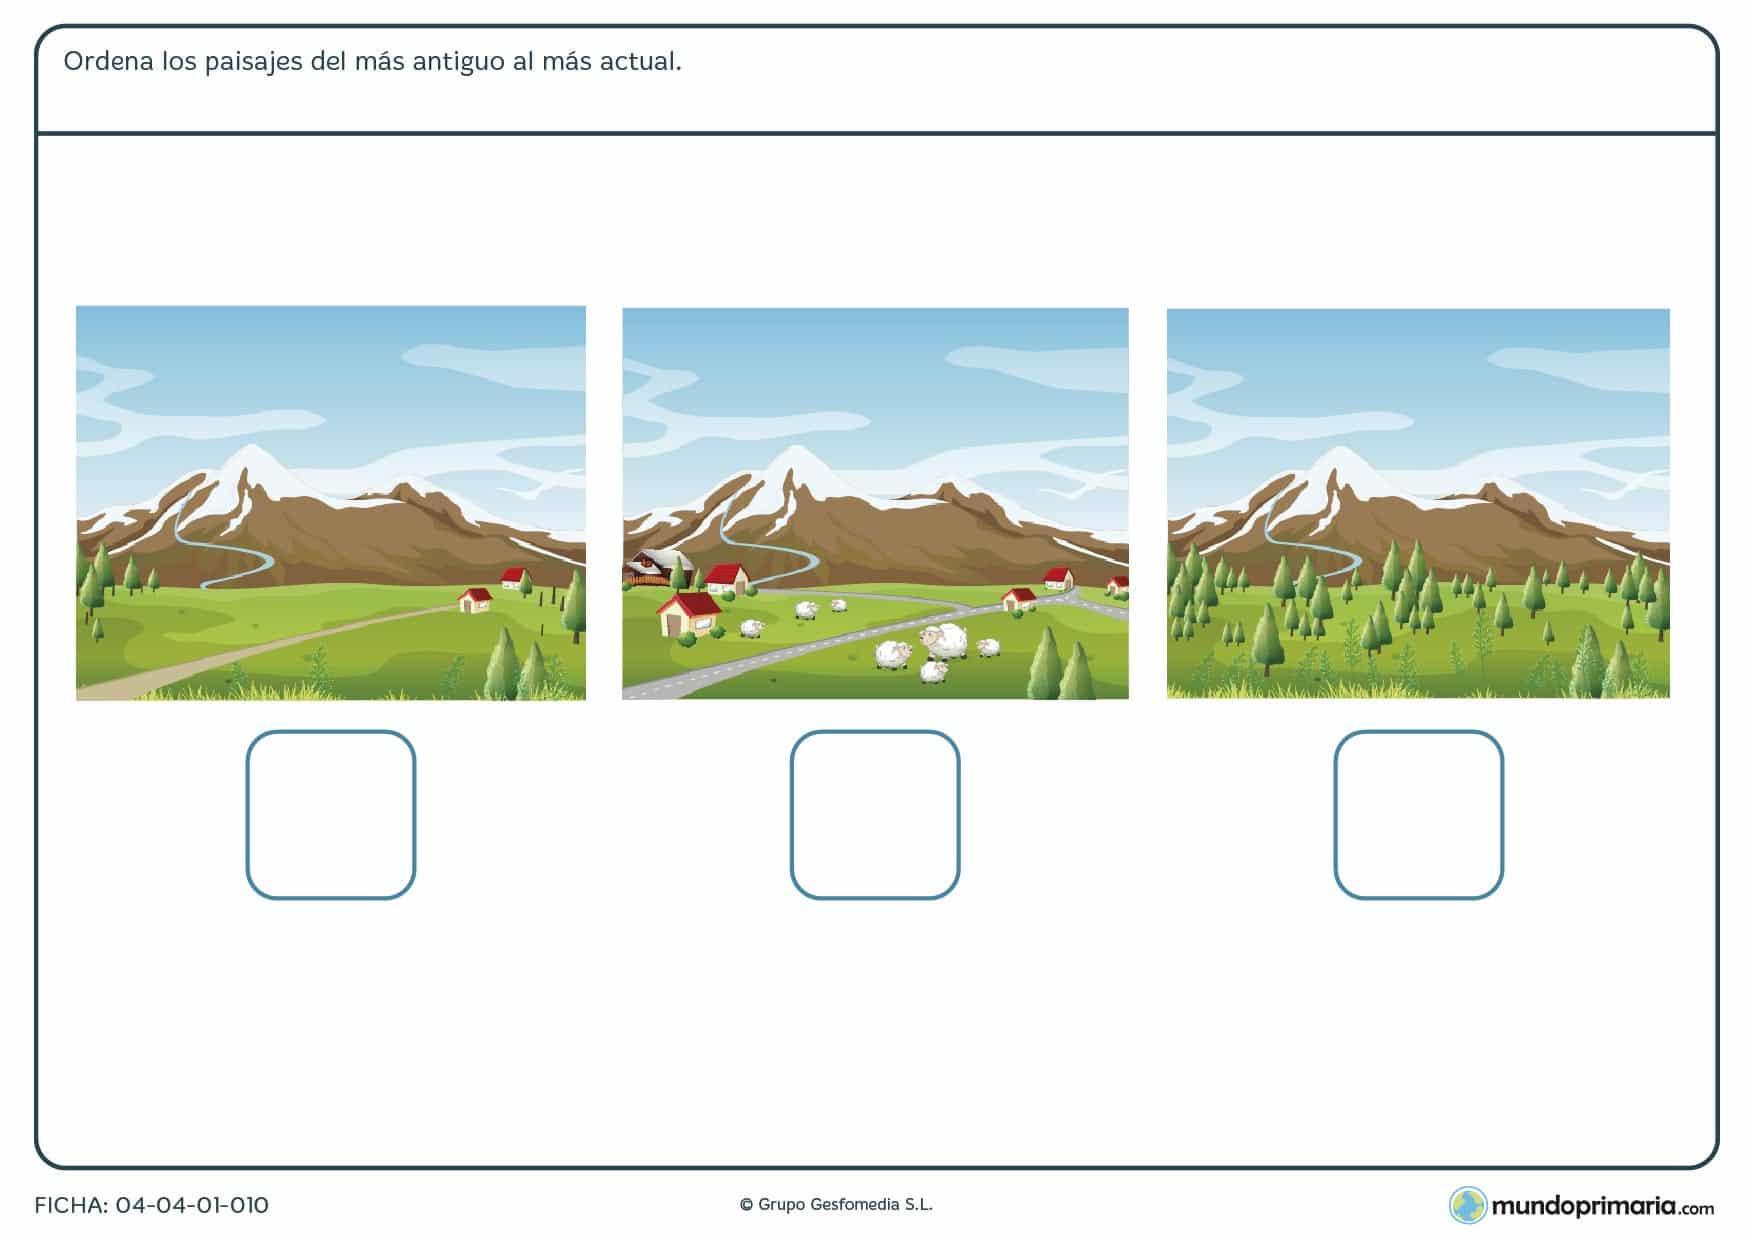 Ficha de evolución del paisaje en la que hay que ordenar los diferentes paisajes del más antiguo al más actual.